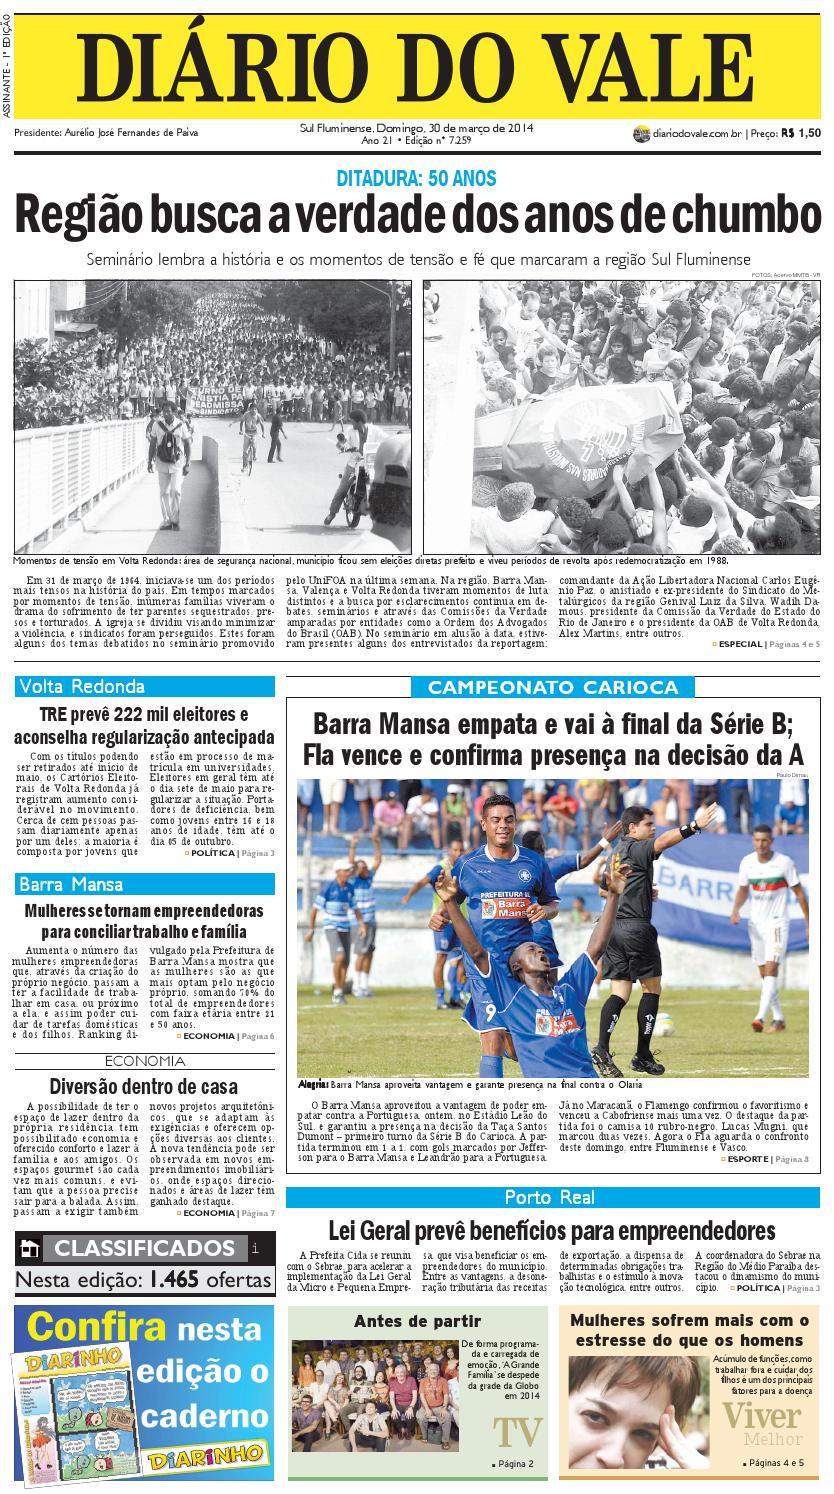 67c8f266b1 7259 diario domingo 30 03 2014 by Diário do Vale - issuu